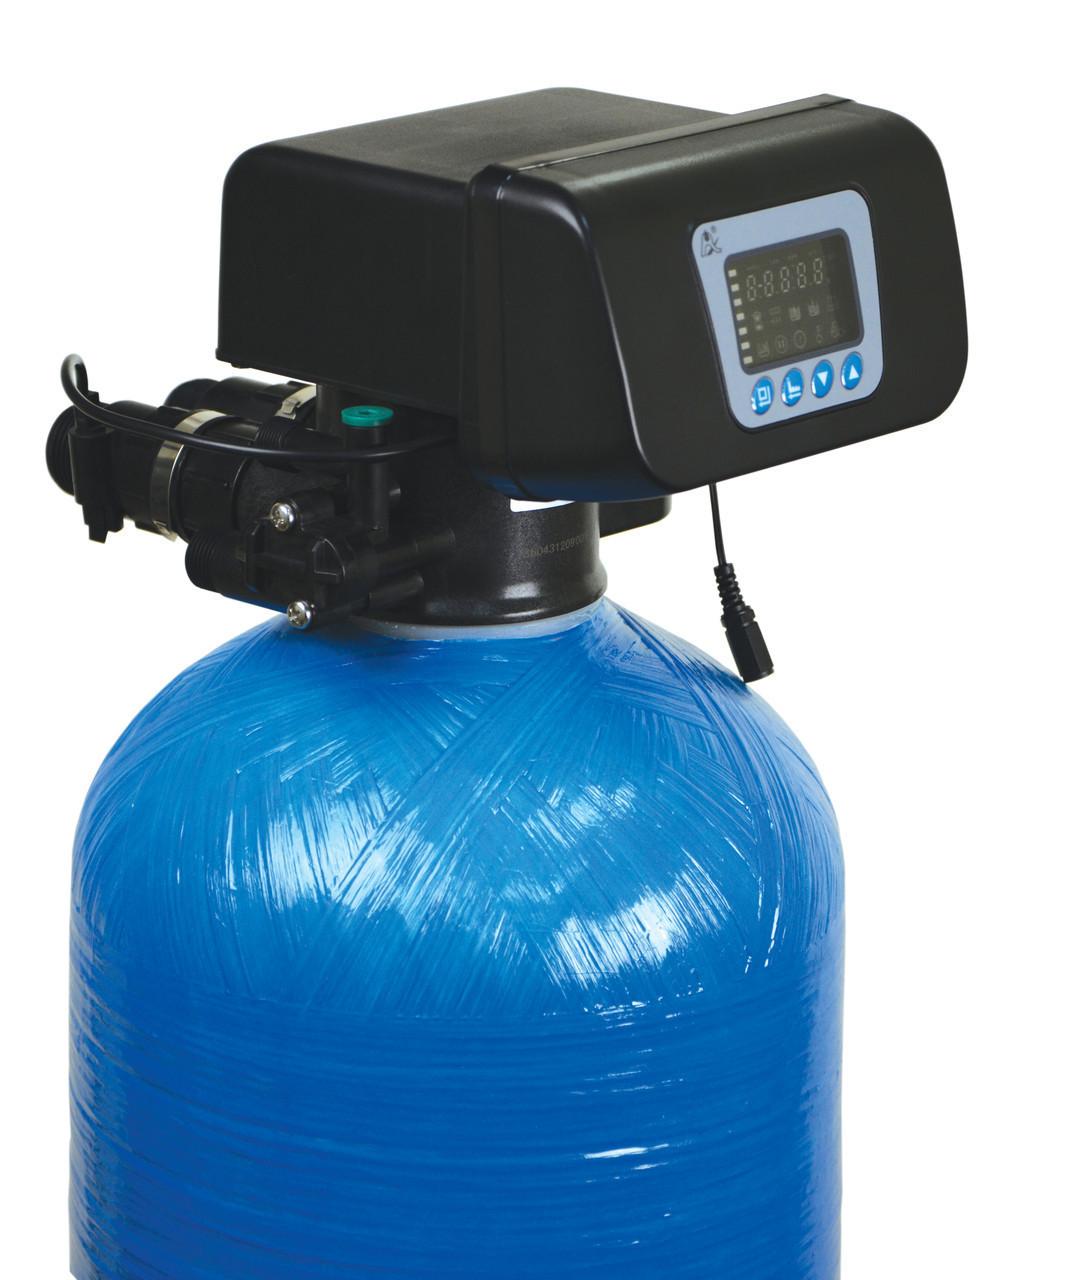 Фильтр обезжелезиватель воды Aqualine FI 1665/1.0-118